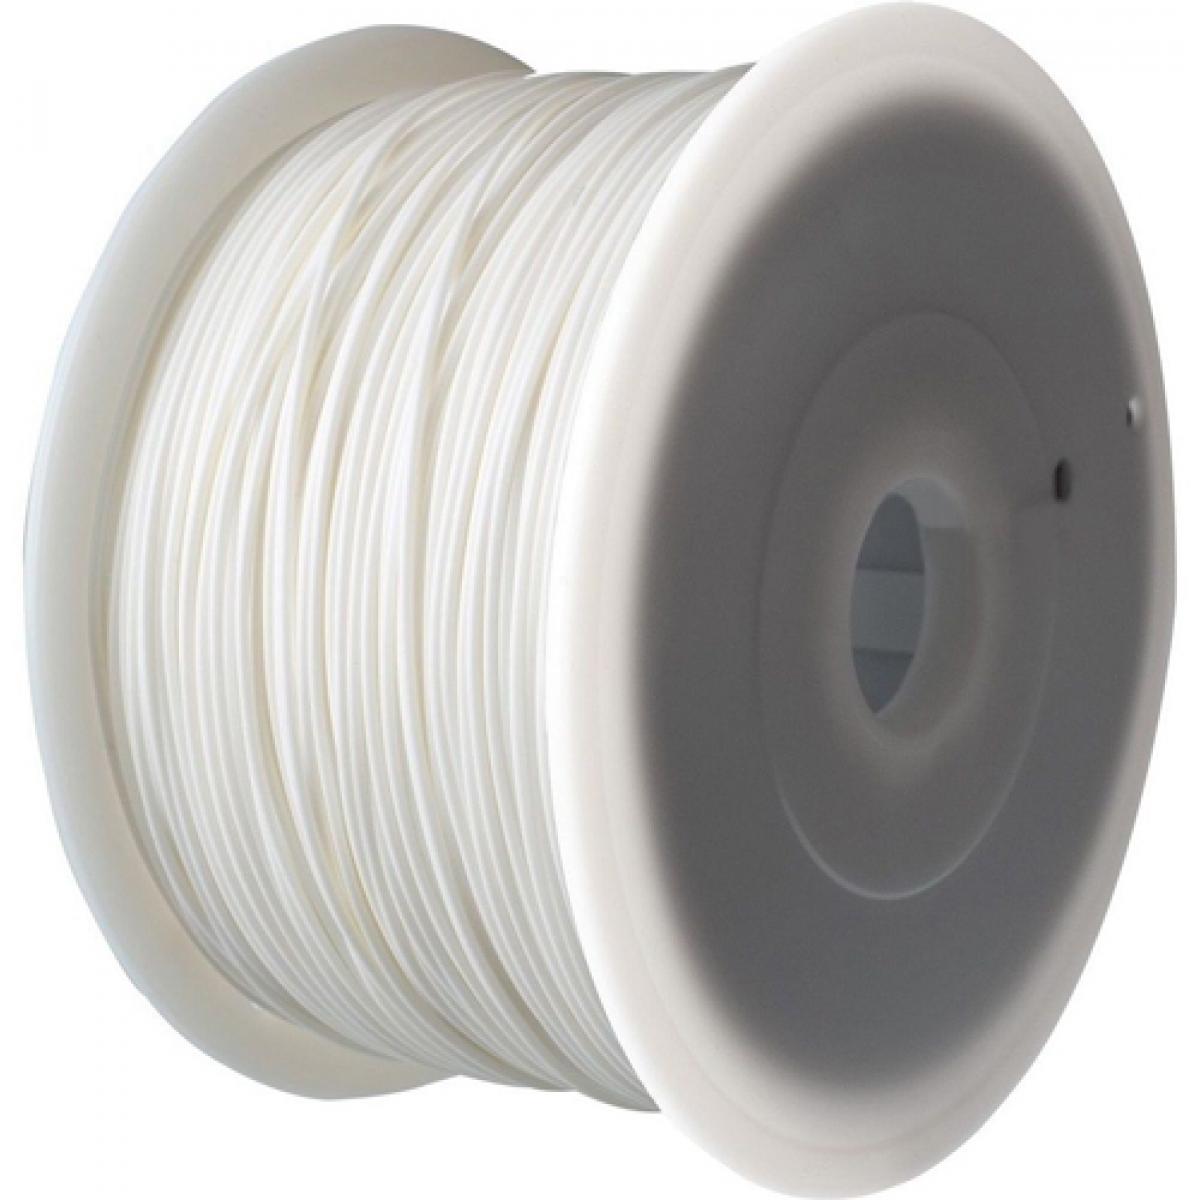 Filamento para impressora 3D PLA Branco 1Kg